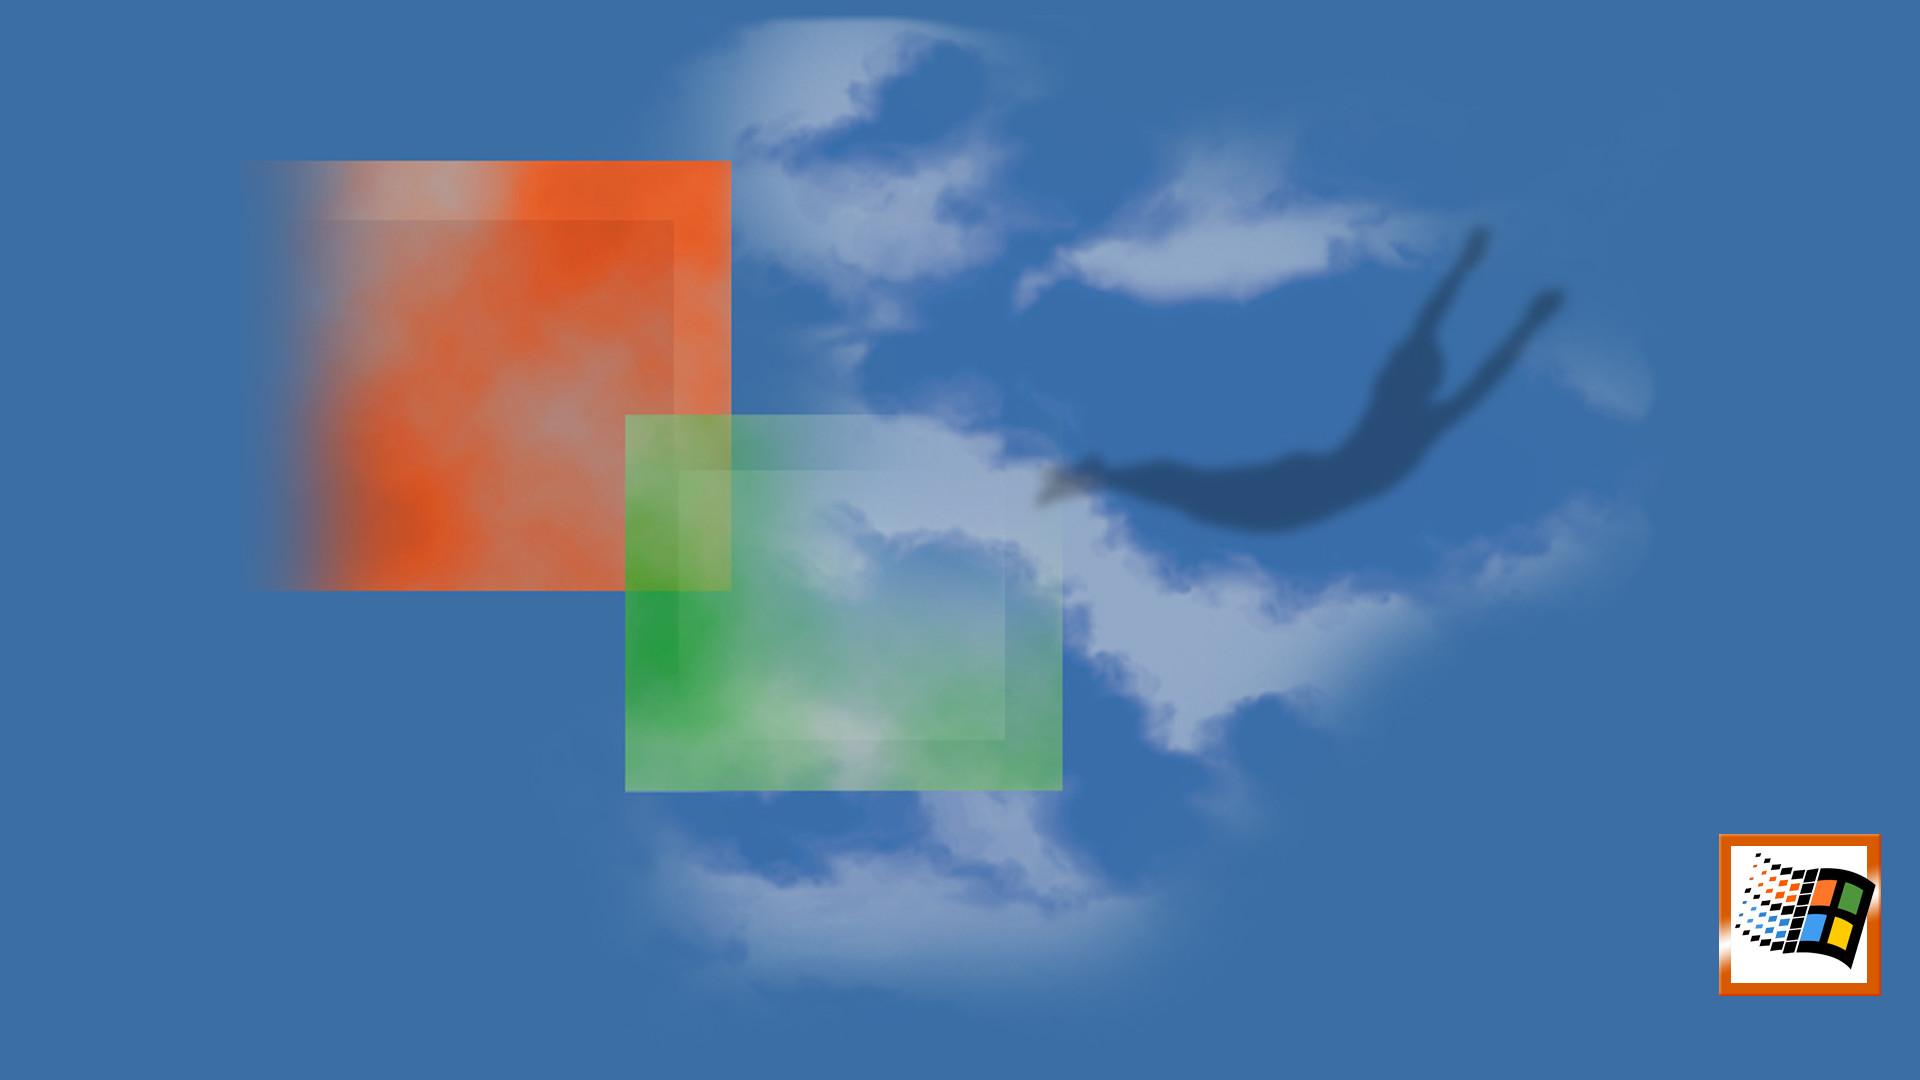 1920x1080 View topic - Windows 2000 default wallpaper HD edit - BetaArchive